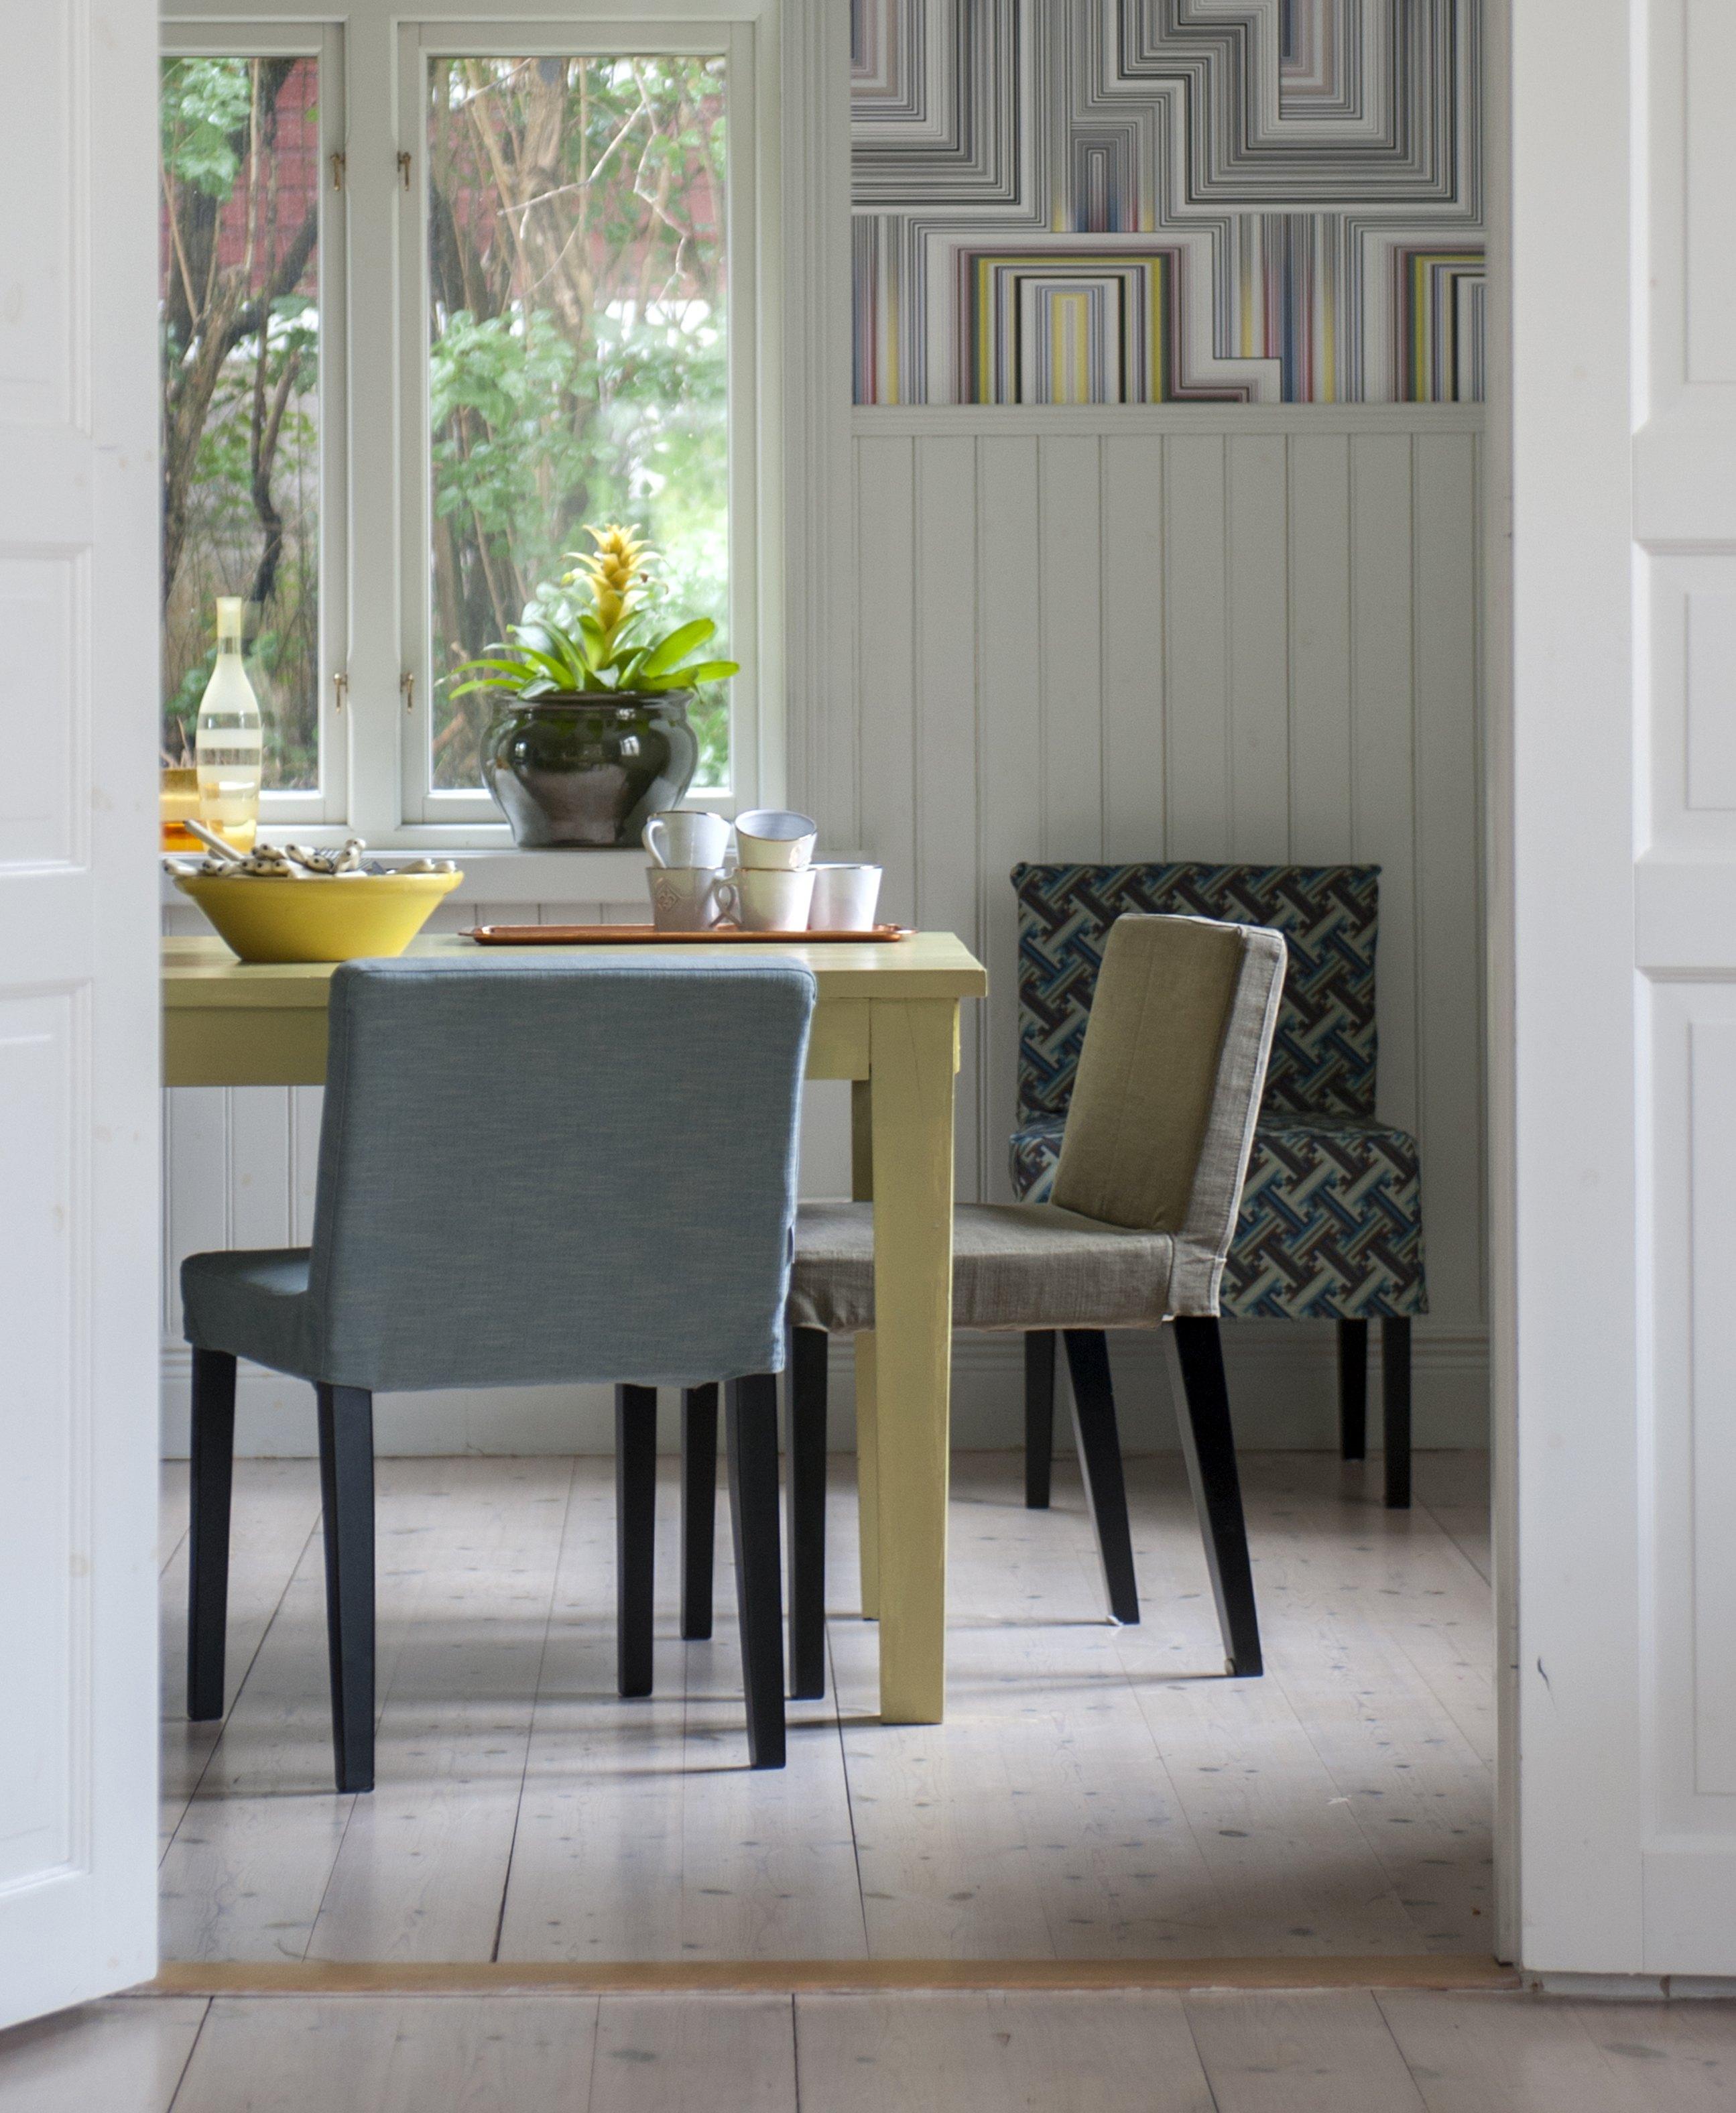 ikea nils chair covers uk reclining patio eetkamerstoelen  msnoel